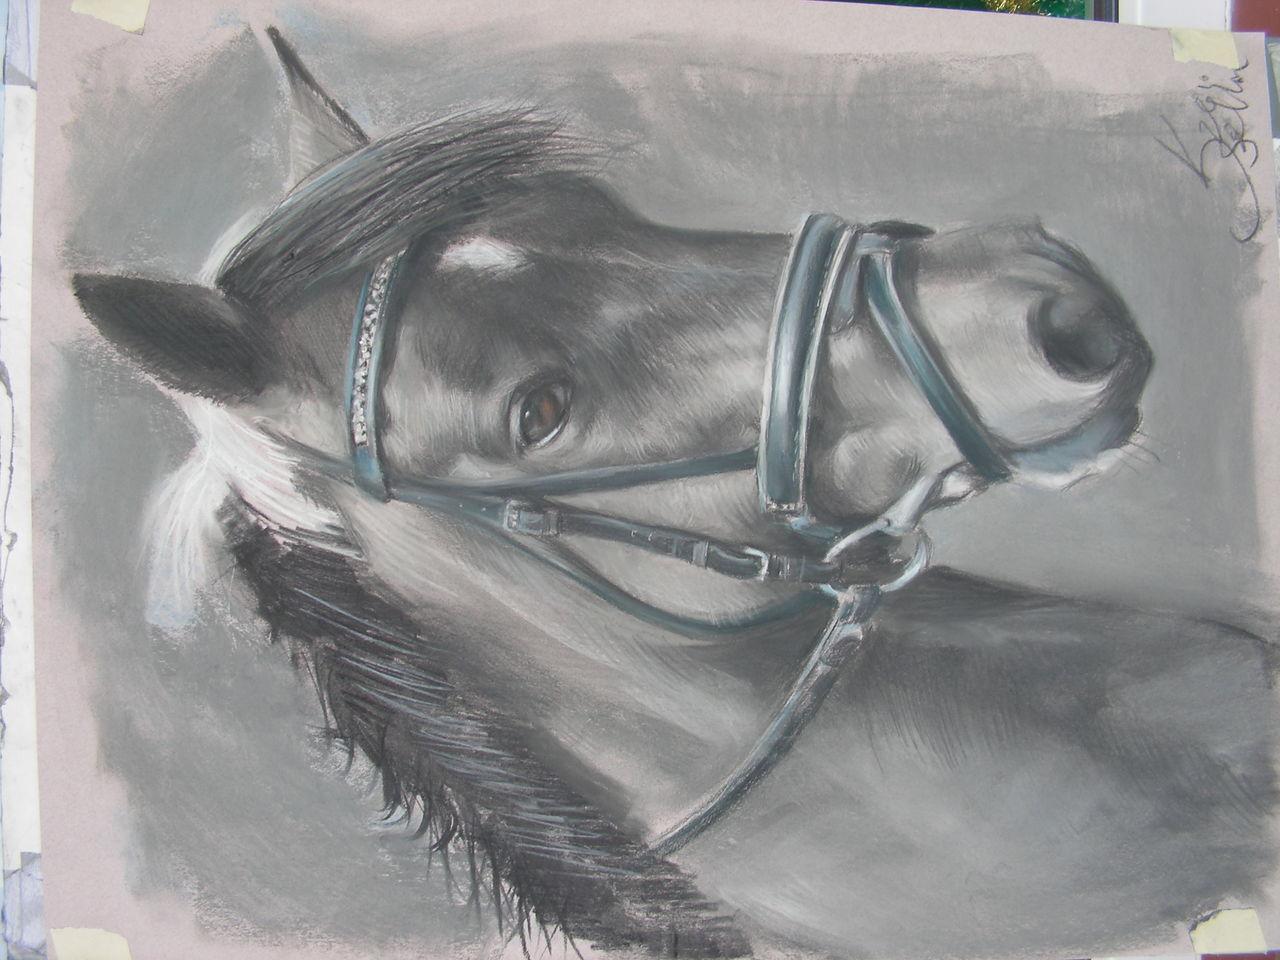 pferde portrait gem lde tierportrait pferde illustration gem lde von janoschlein bei kunstnet. Black Bedroom Furniture Sets. Home Design Ideas